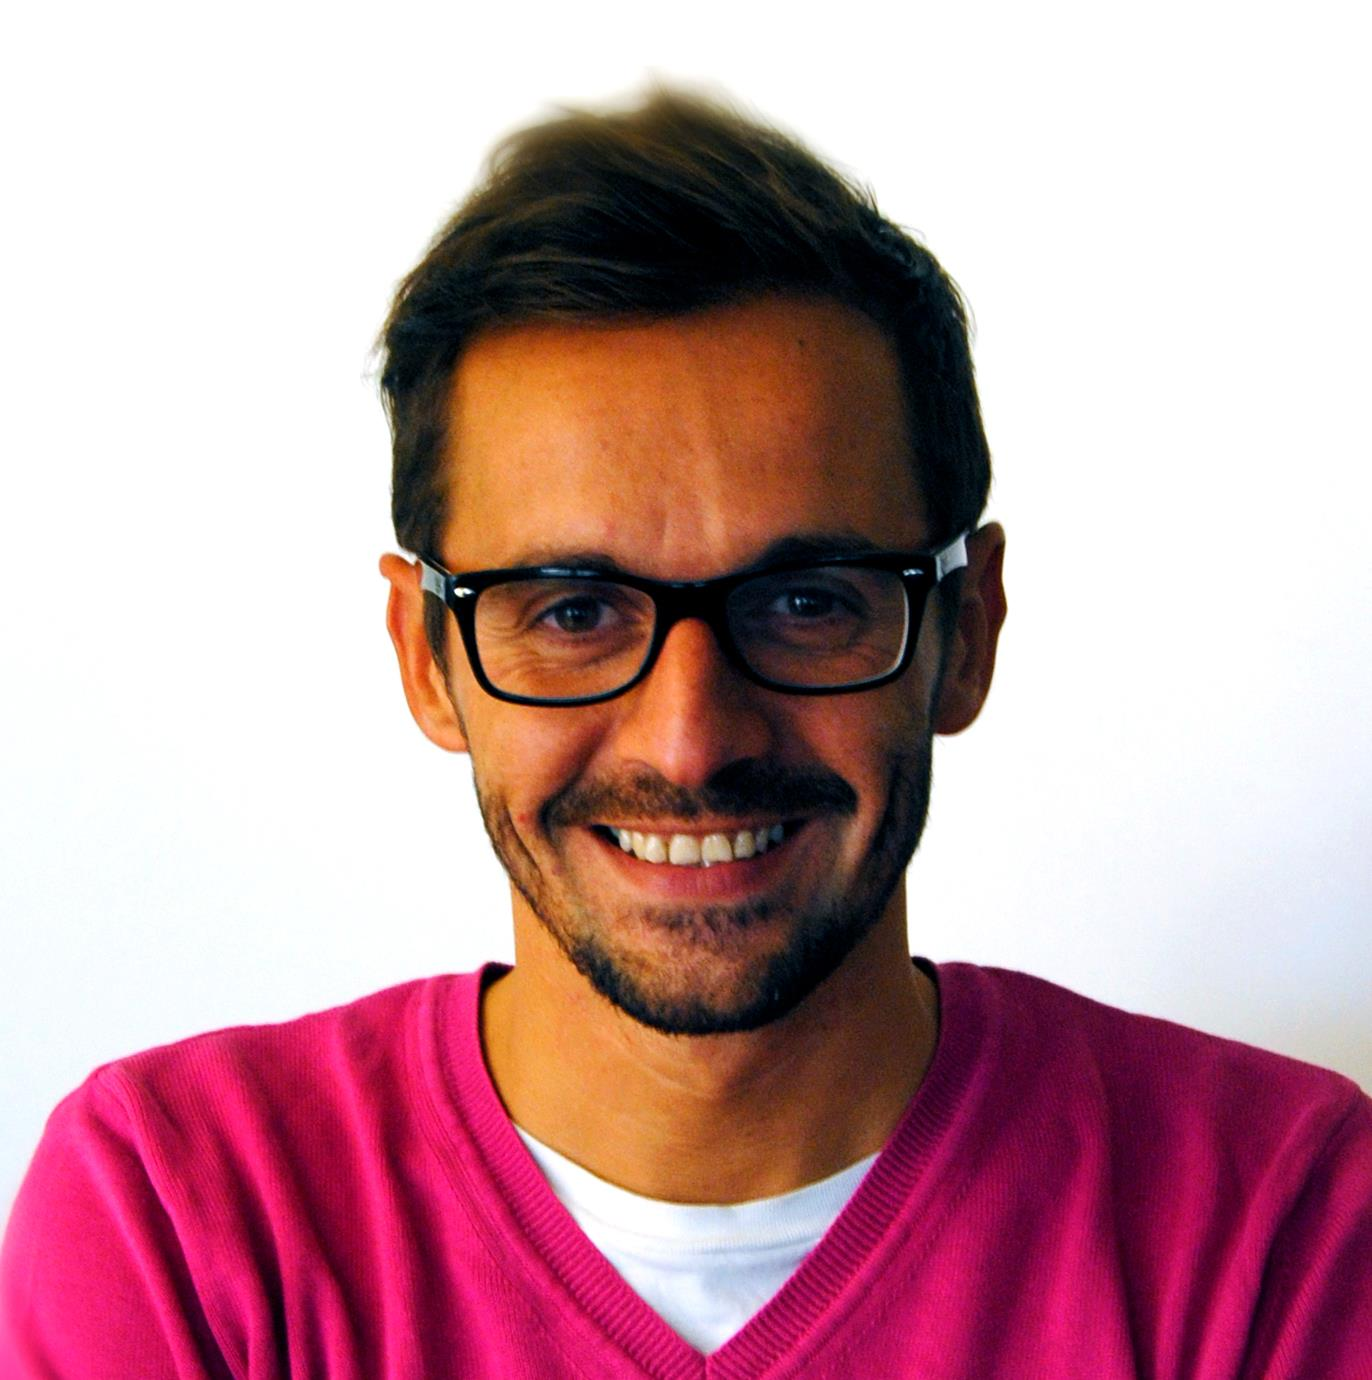 Claudio Varelli - All-round Creative Designer